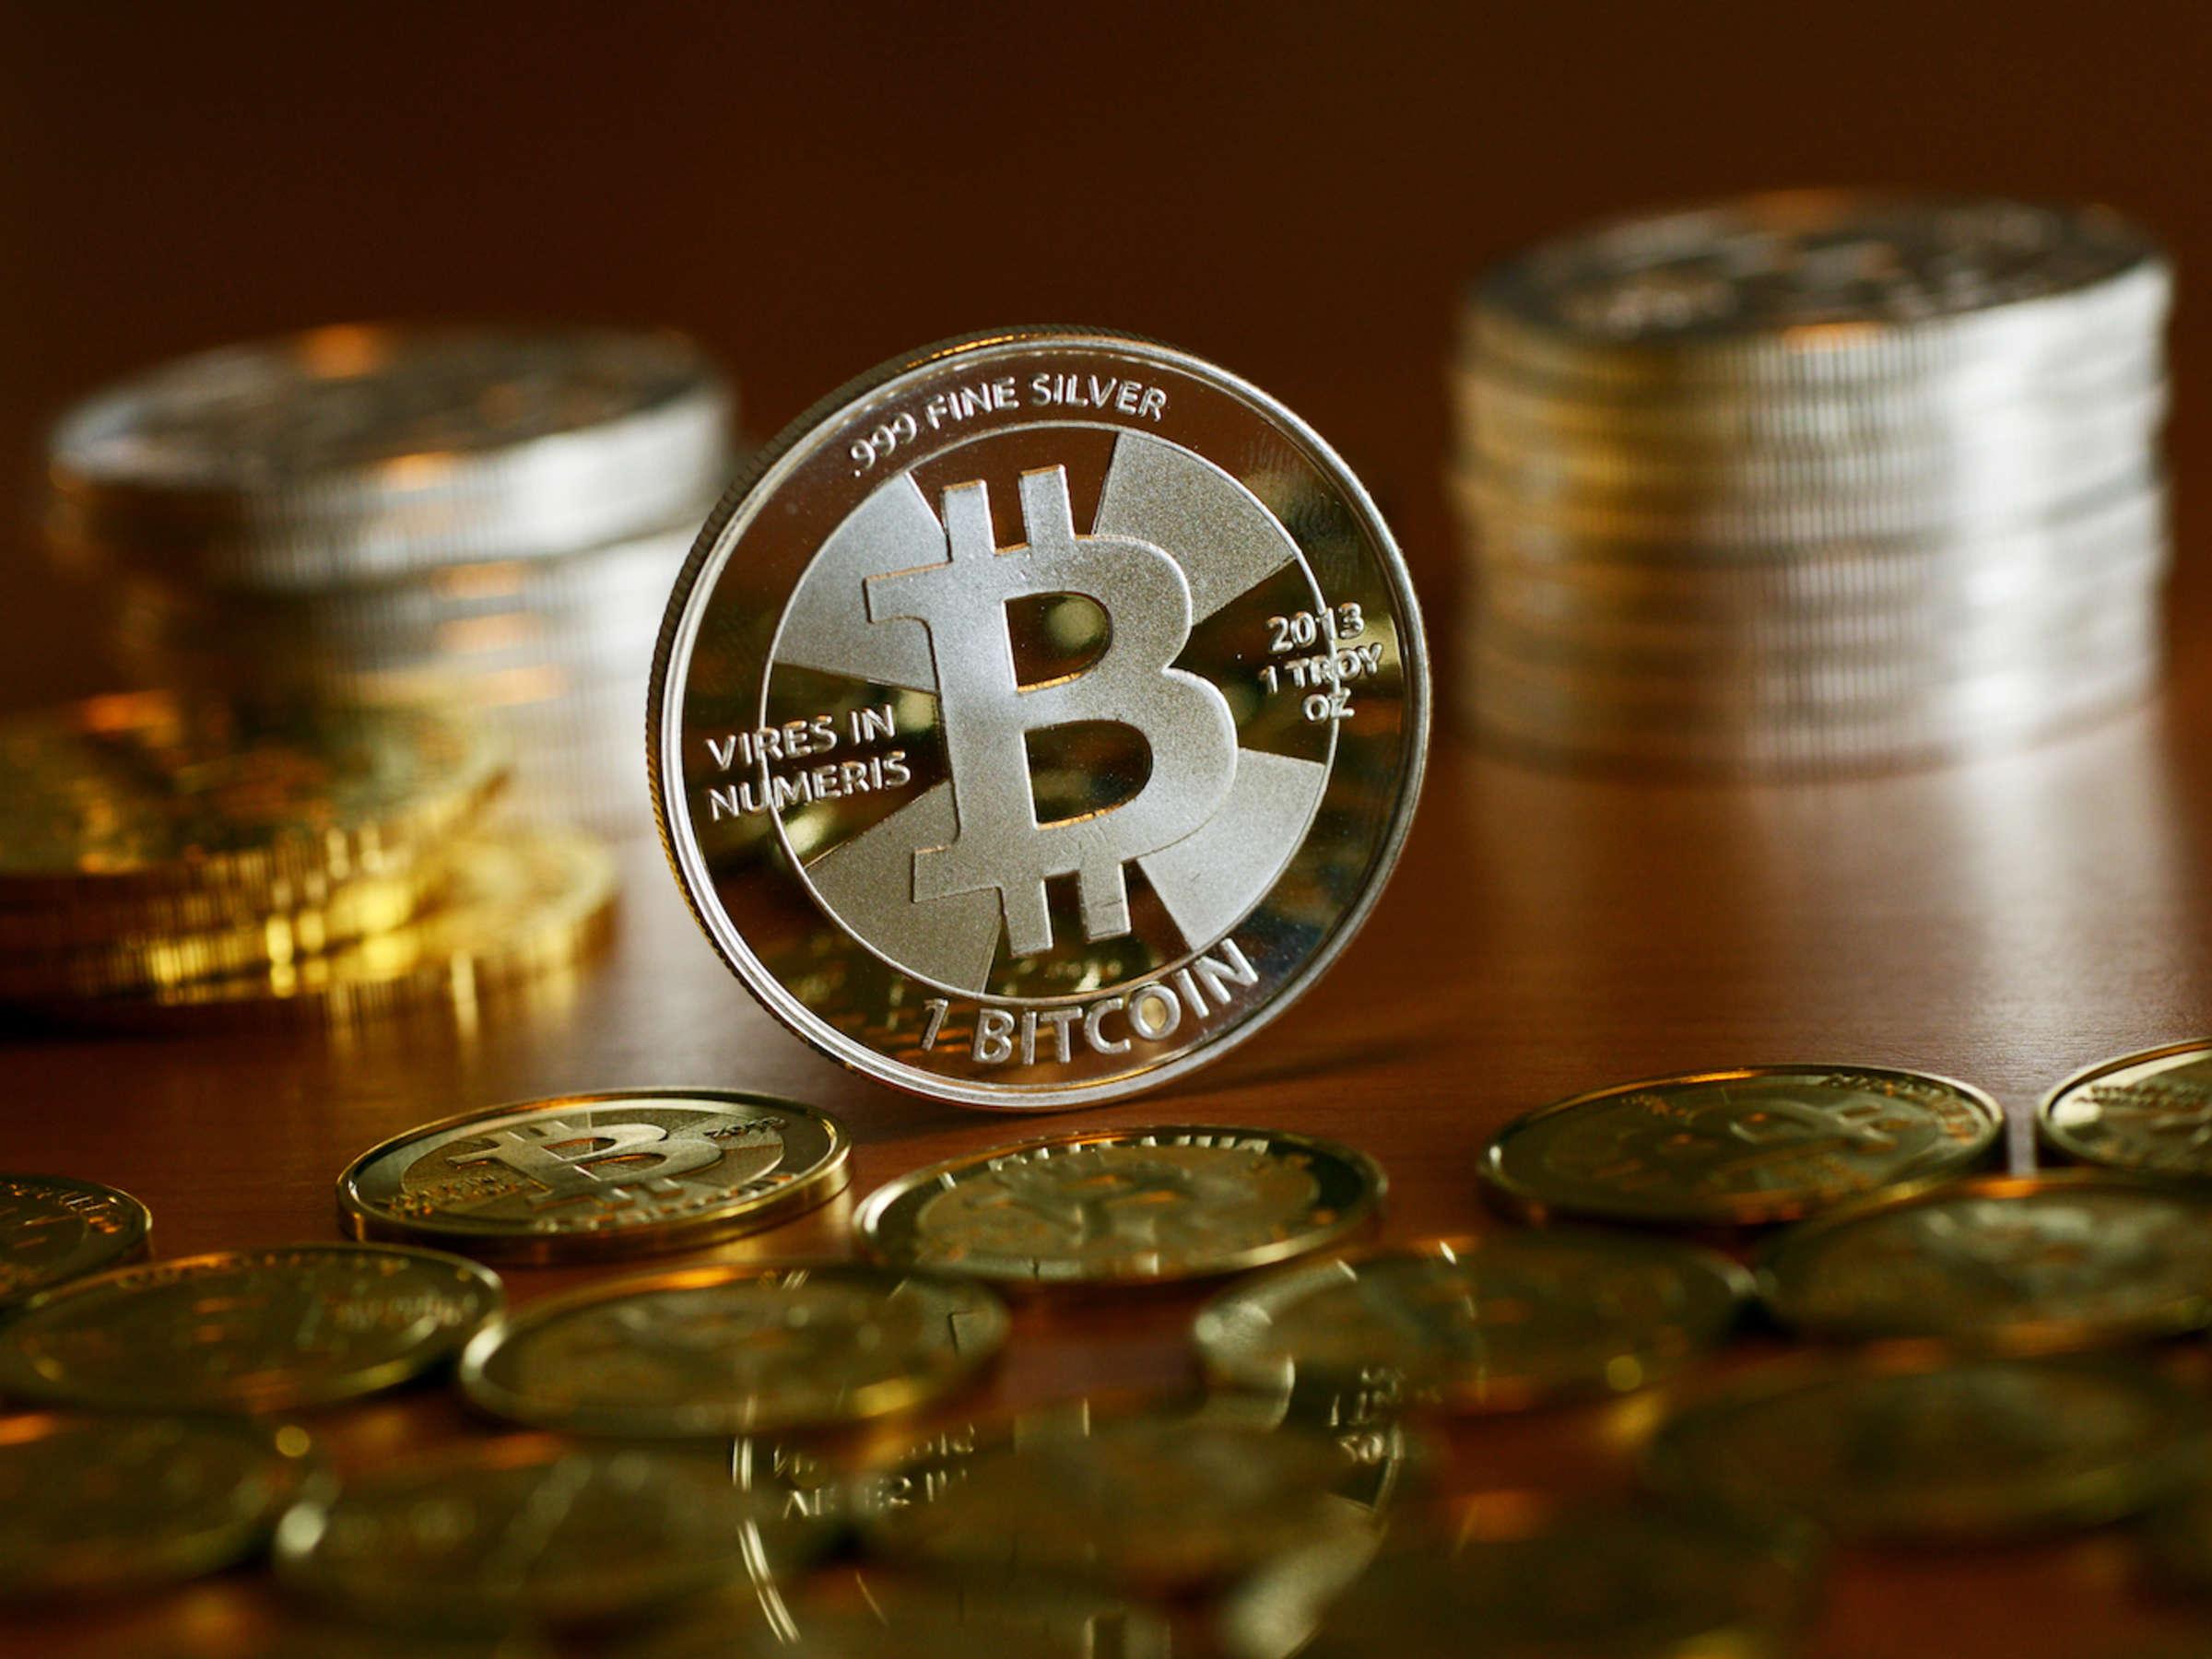 minimale investitionen machen eine million euro in kryptowährung handel und wachsende kryptowährungen konto